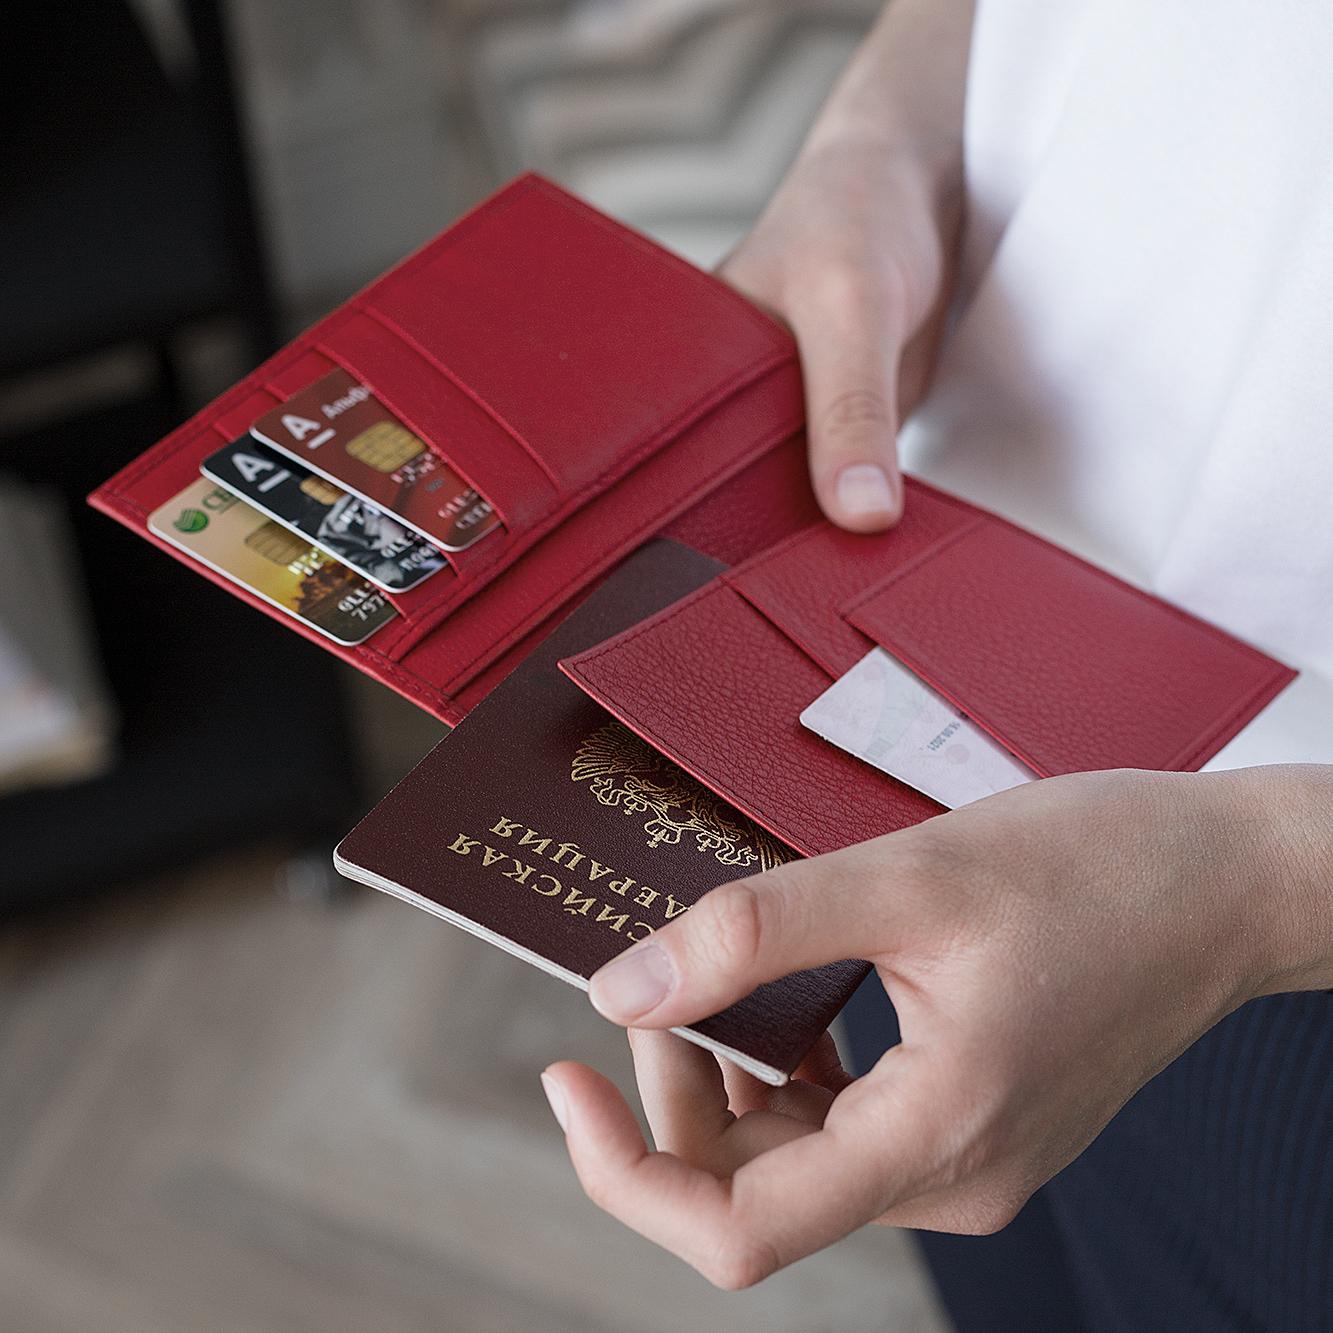 Обложка для паспорта и автодокументов Paris Easy из натуральной кожи теленка, красного цвета